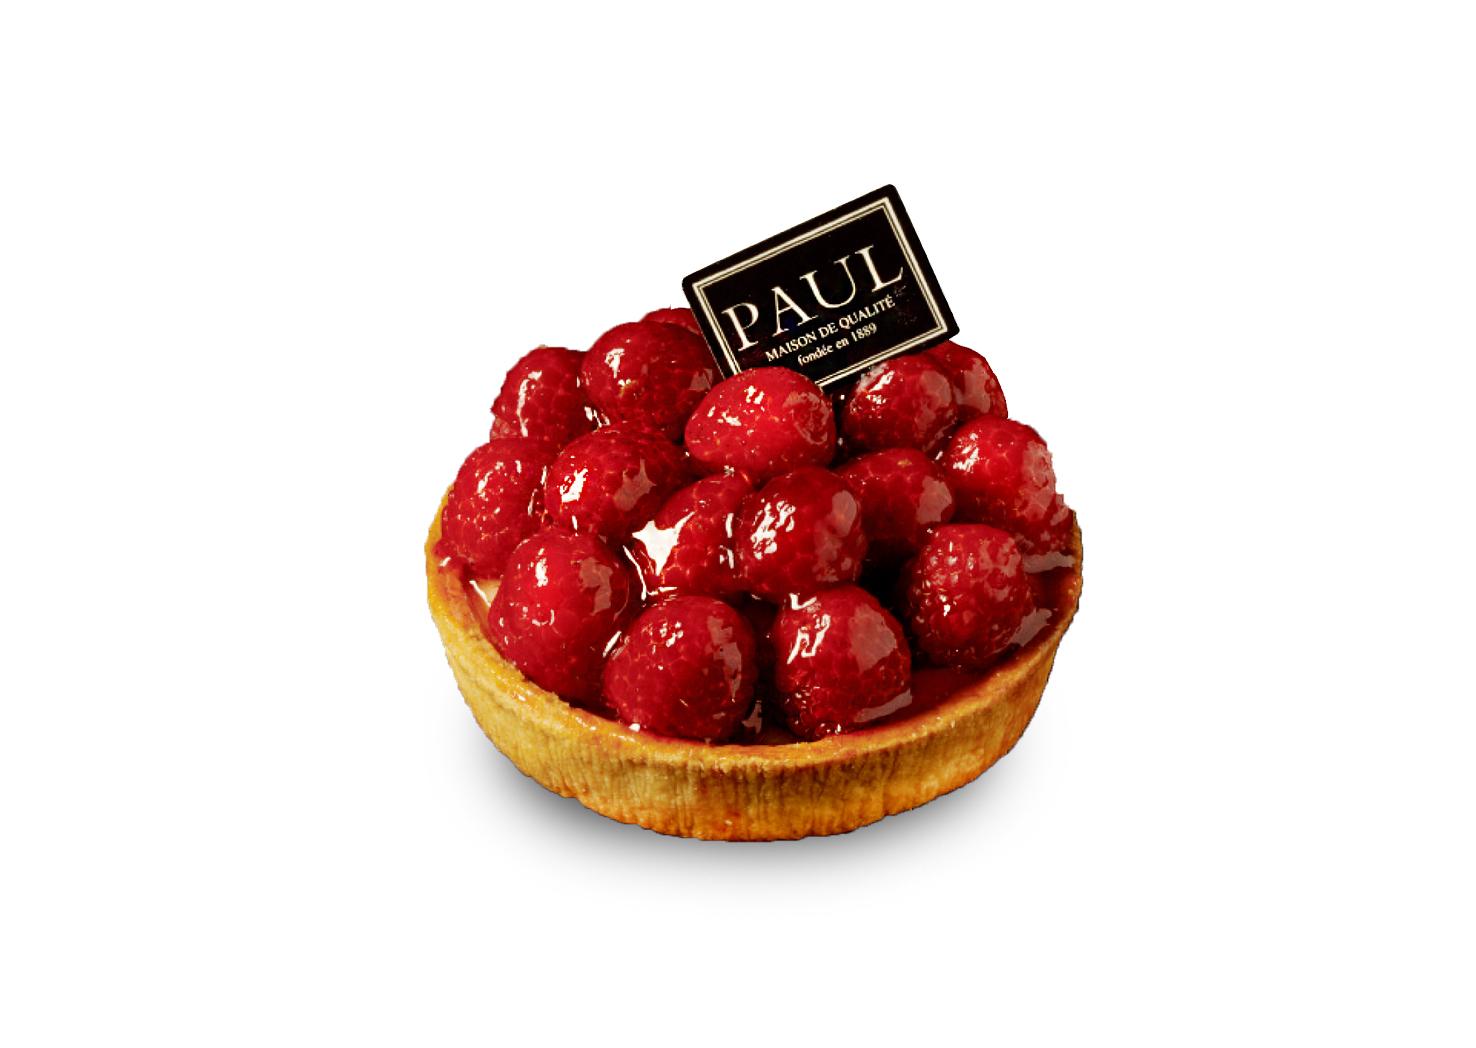 覆盆子奶酥塔 Raspberry Tartlet